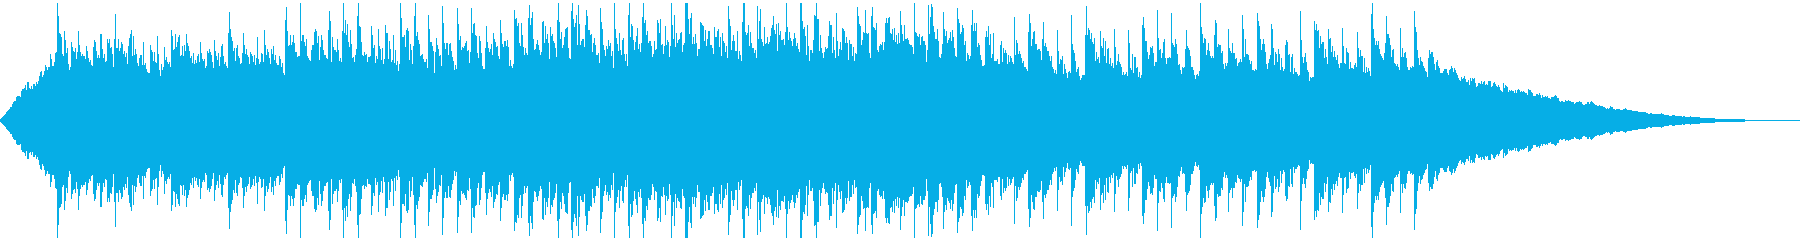 60秒,企業VP,コーポレート,疾走感の再生済みの波形